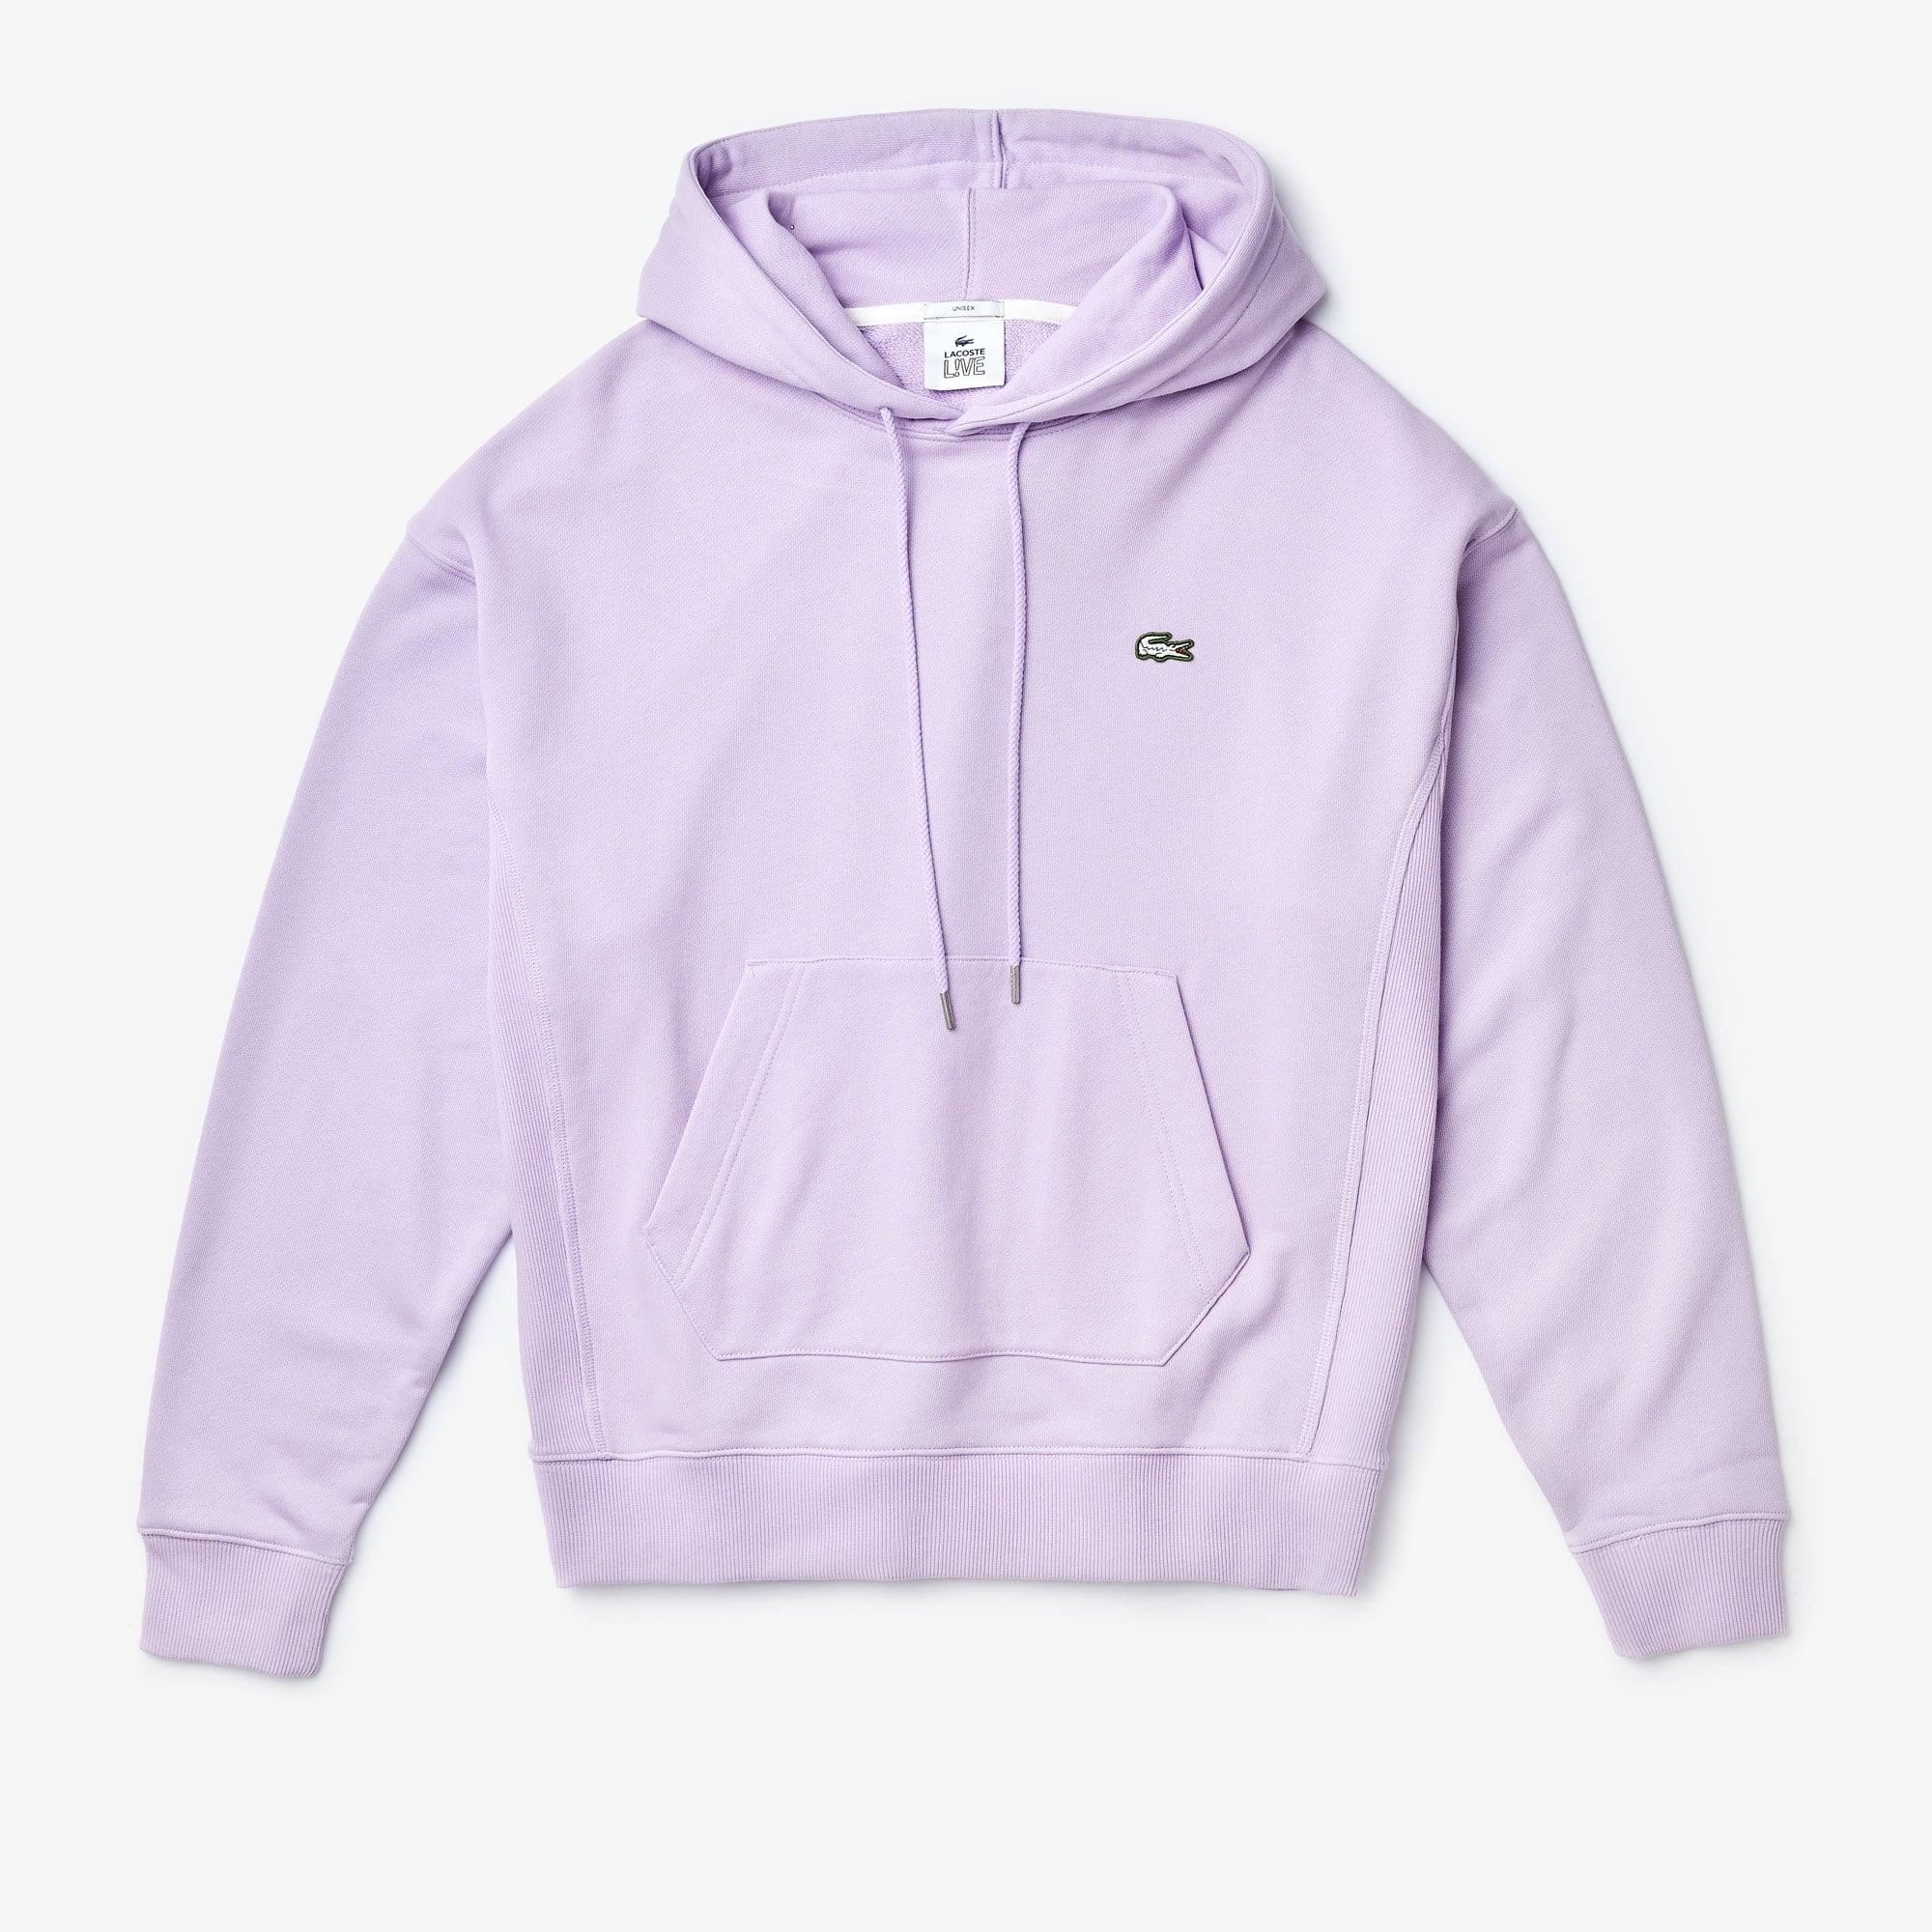 sweatshirt a capuche lacoste